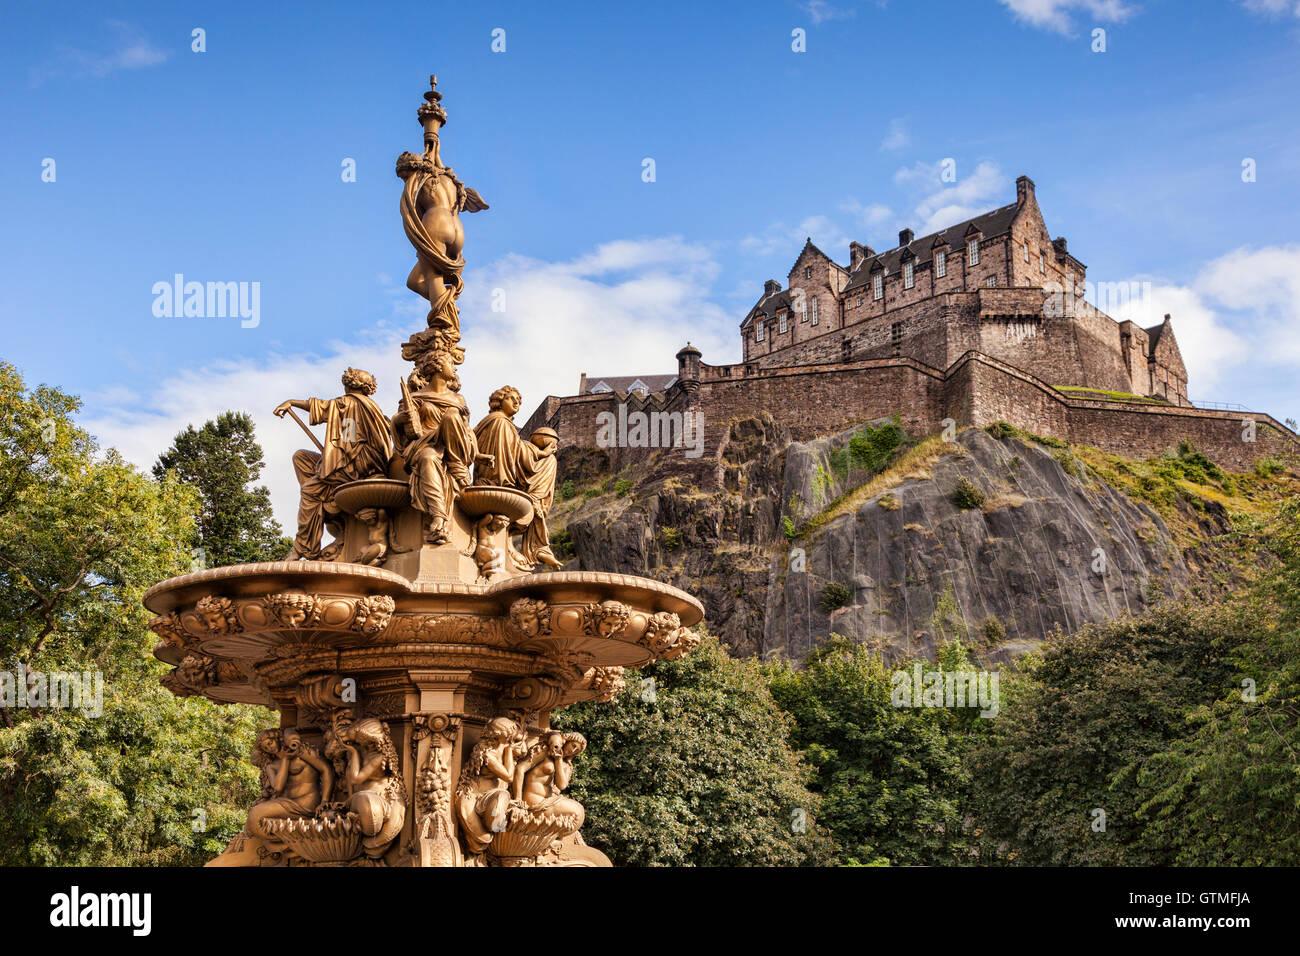 Il Ross fontana nei giardini di Princes Street e il Castello di Edimburgo, Scozia, Regno Unito. Immagini Stock